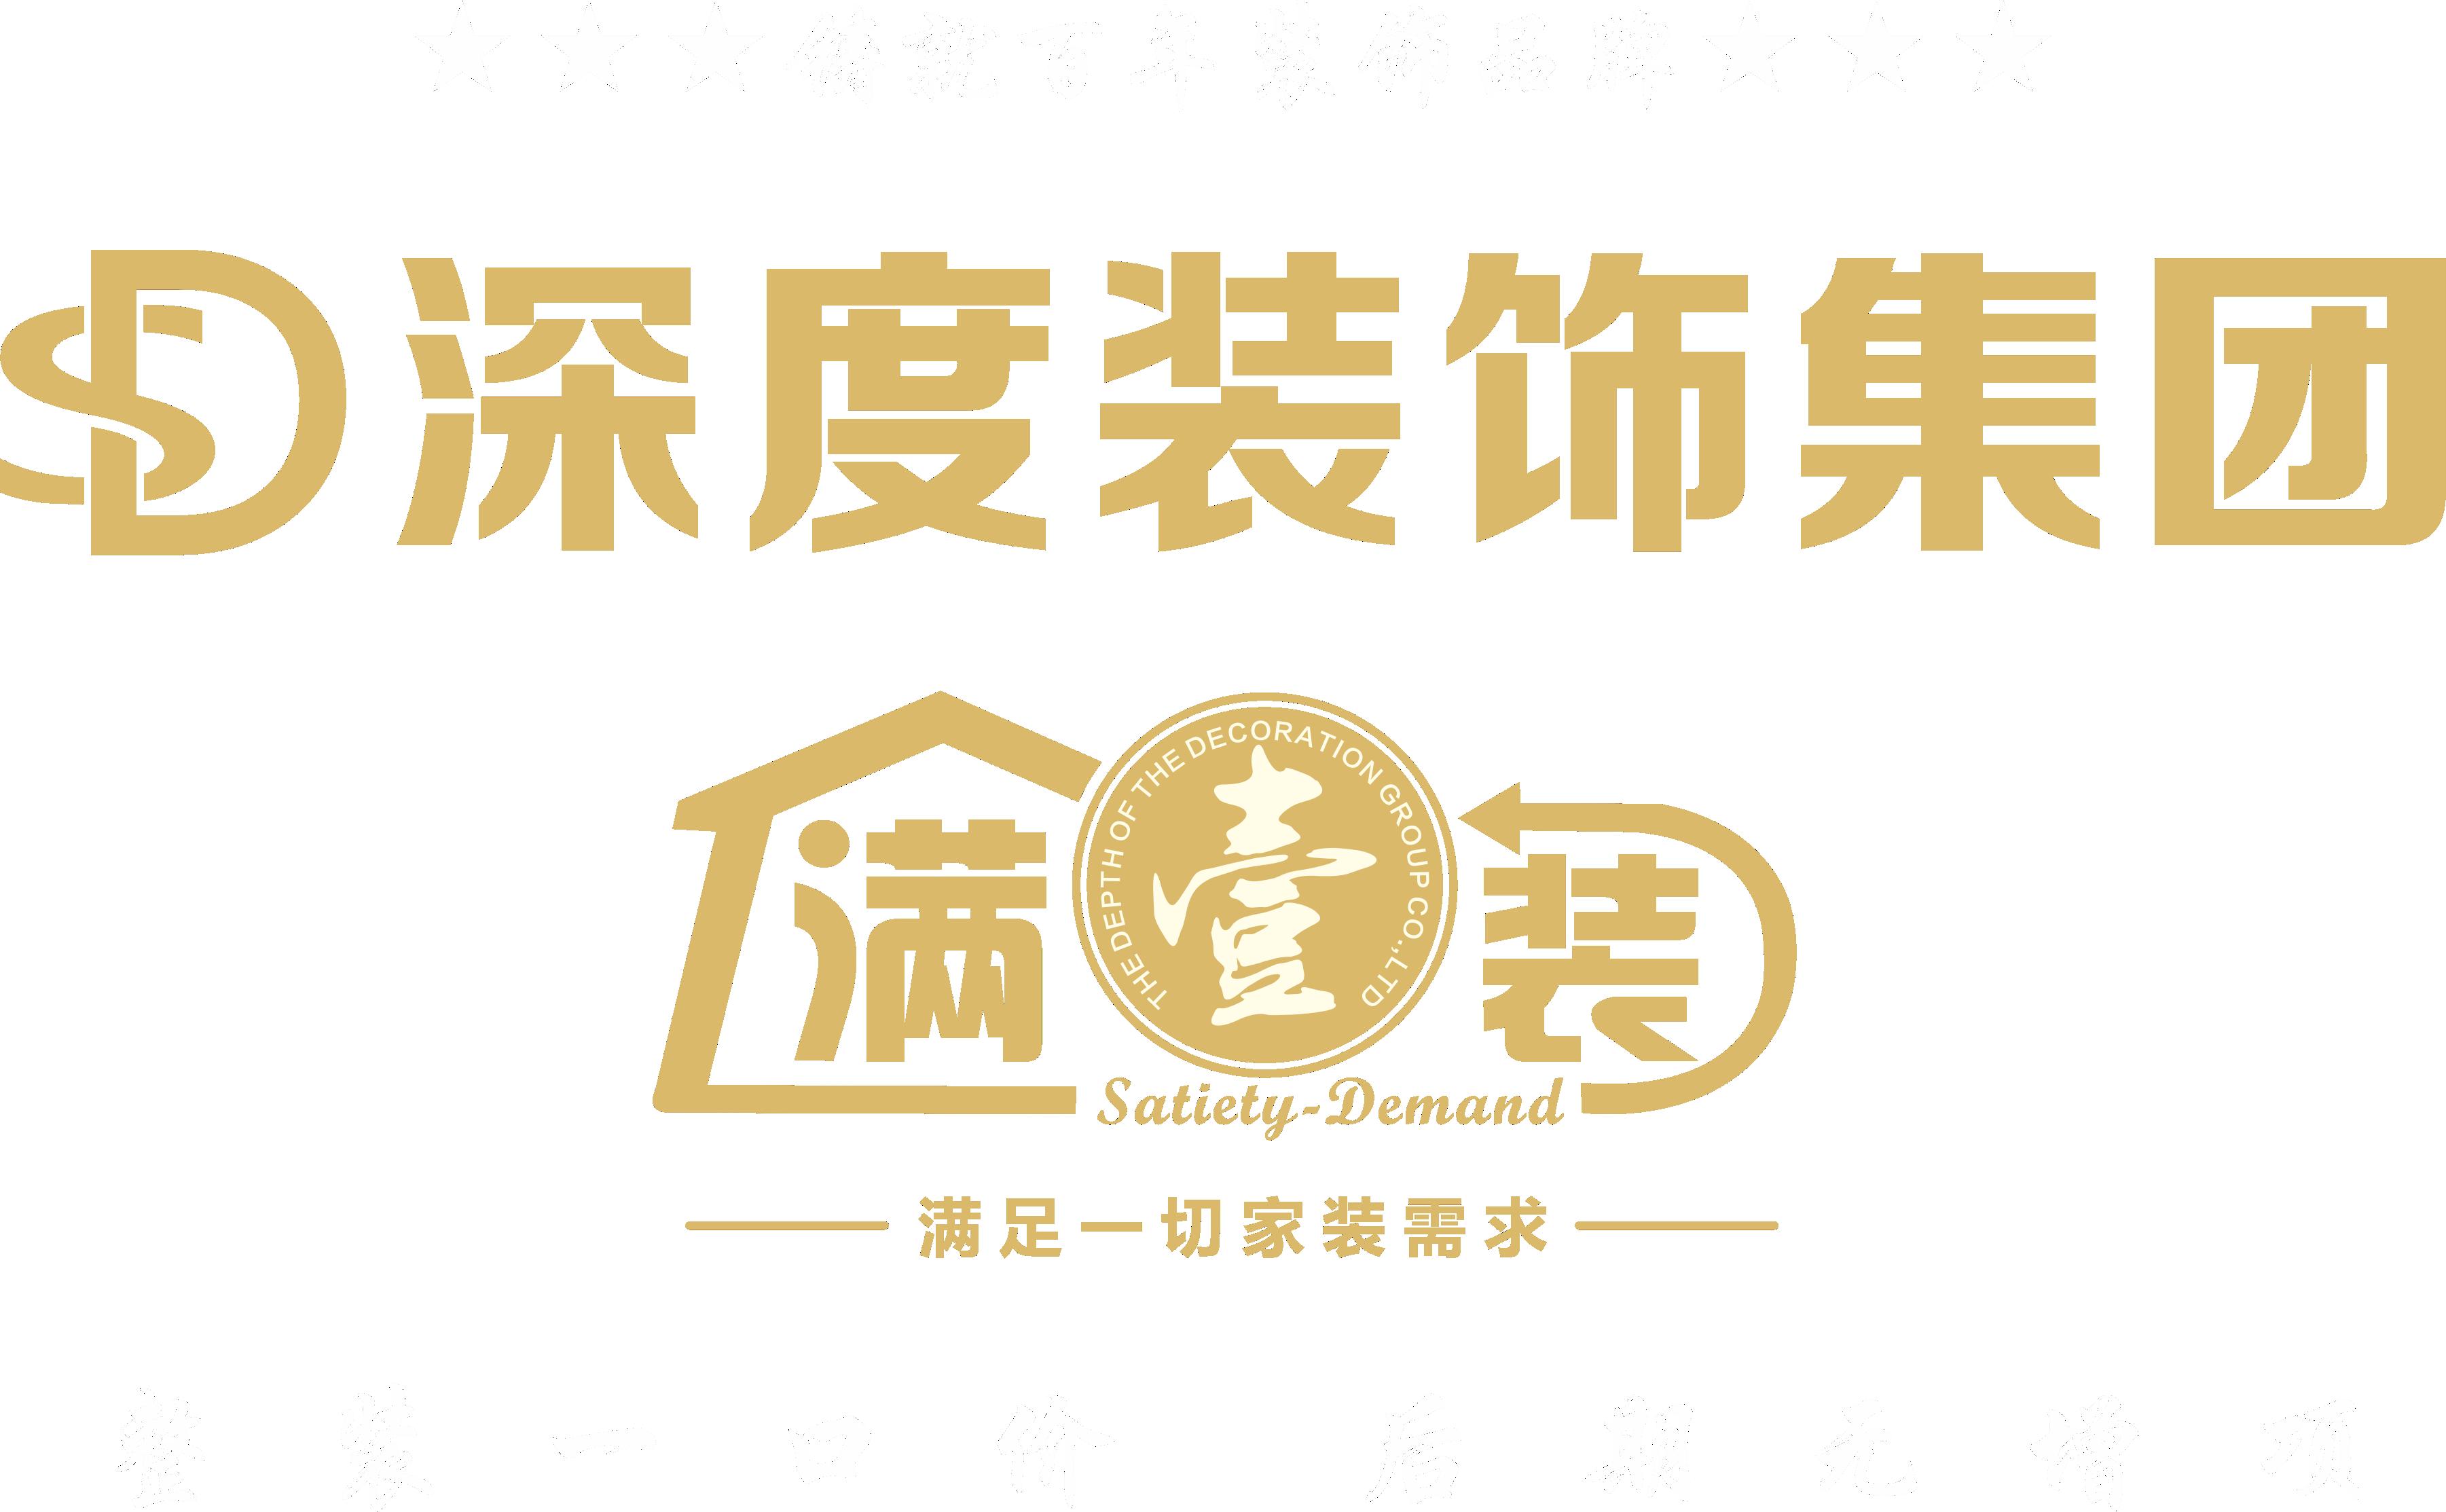 武漢深度裝飾設計工程有限公司十堰分公司